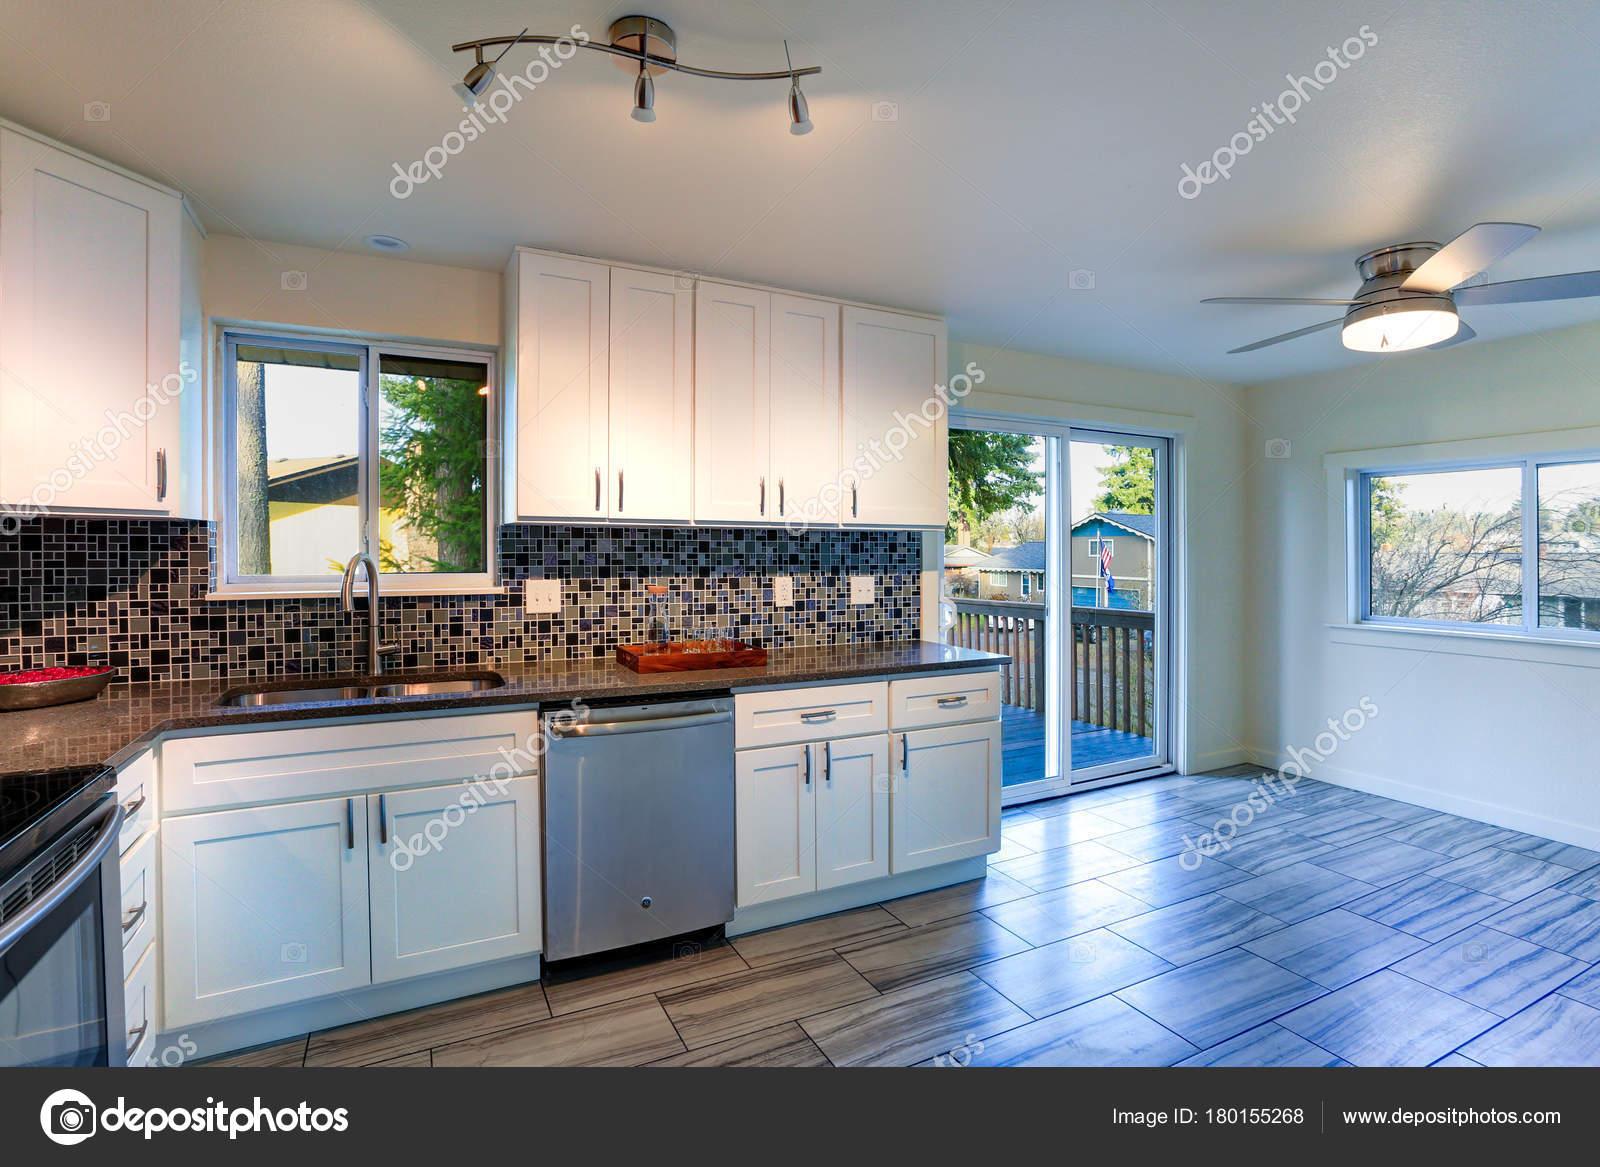 L Form Küche Raumgestaltung Mit Weißen Schränke, Braun Granit, Mosaik  Backsplash, Edelstahlgeräte, Breites Brett Hartholz Fußboden Baujahr, Hat  Die Küche ...